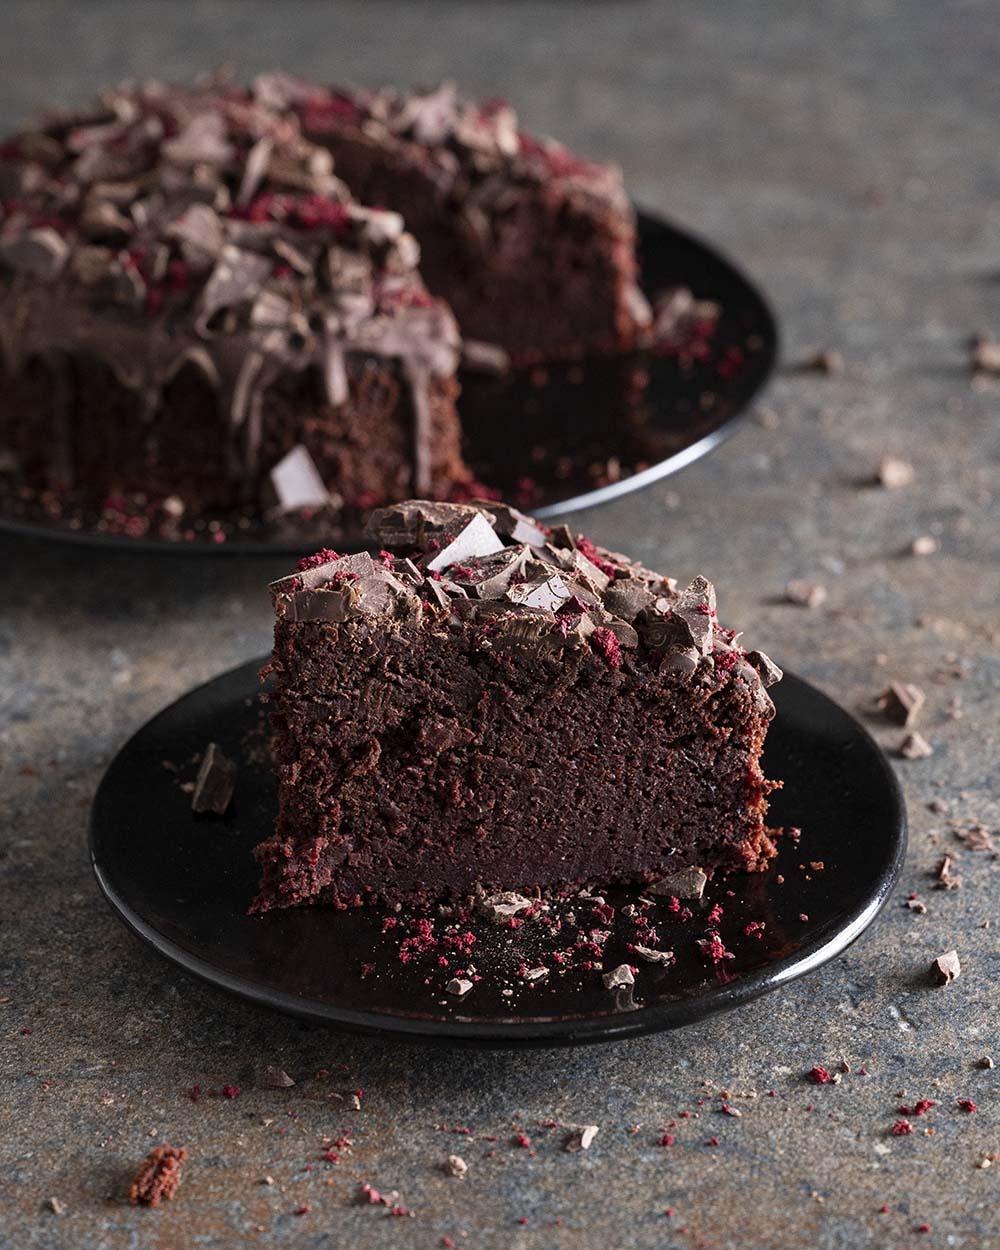 Ein Stück Rote-Bete-Schoko-Kuchen. Im Hintergrund ist der ganze Kuchen zu sehen.